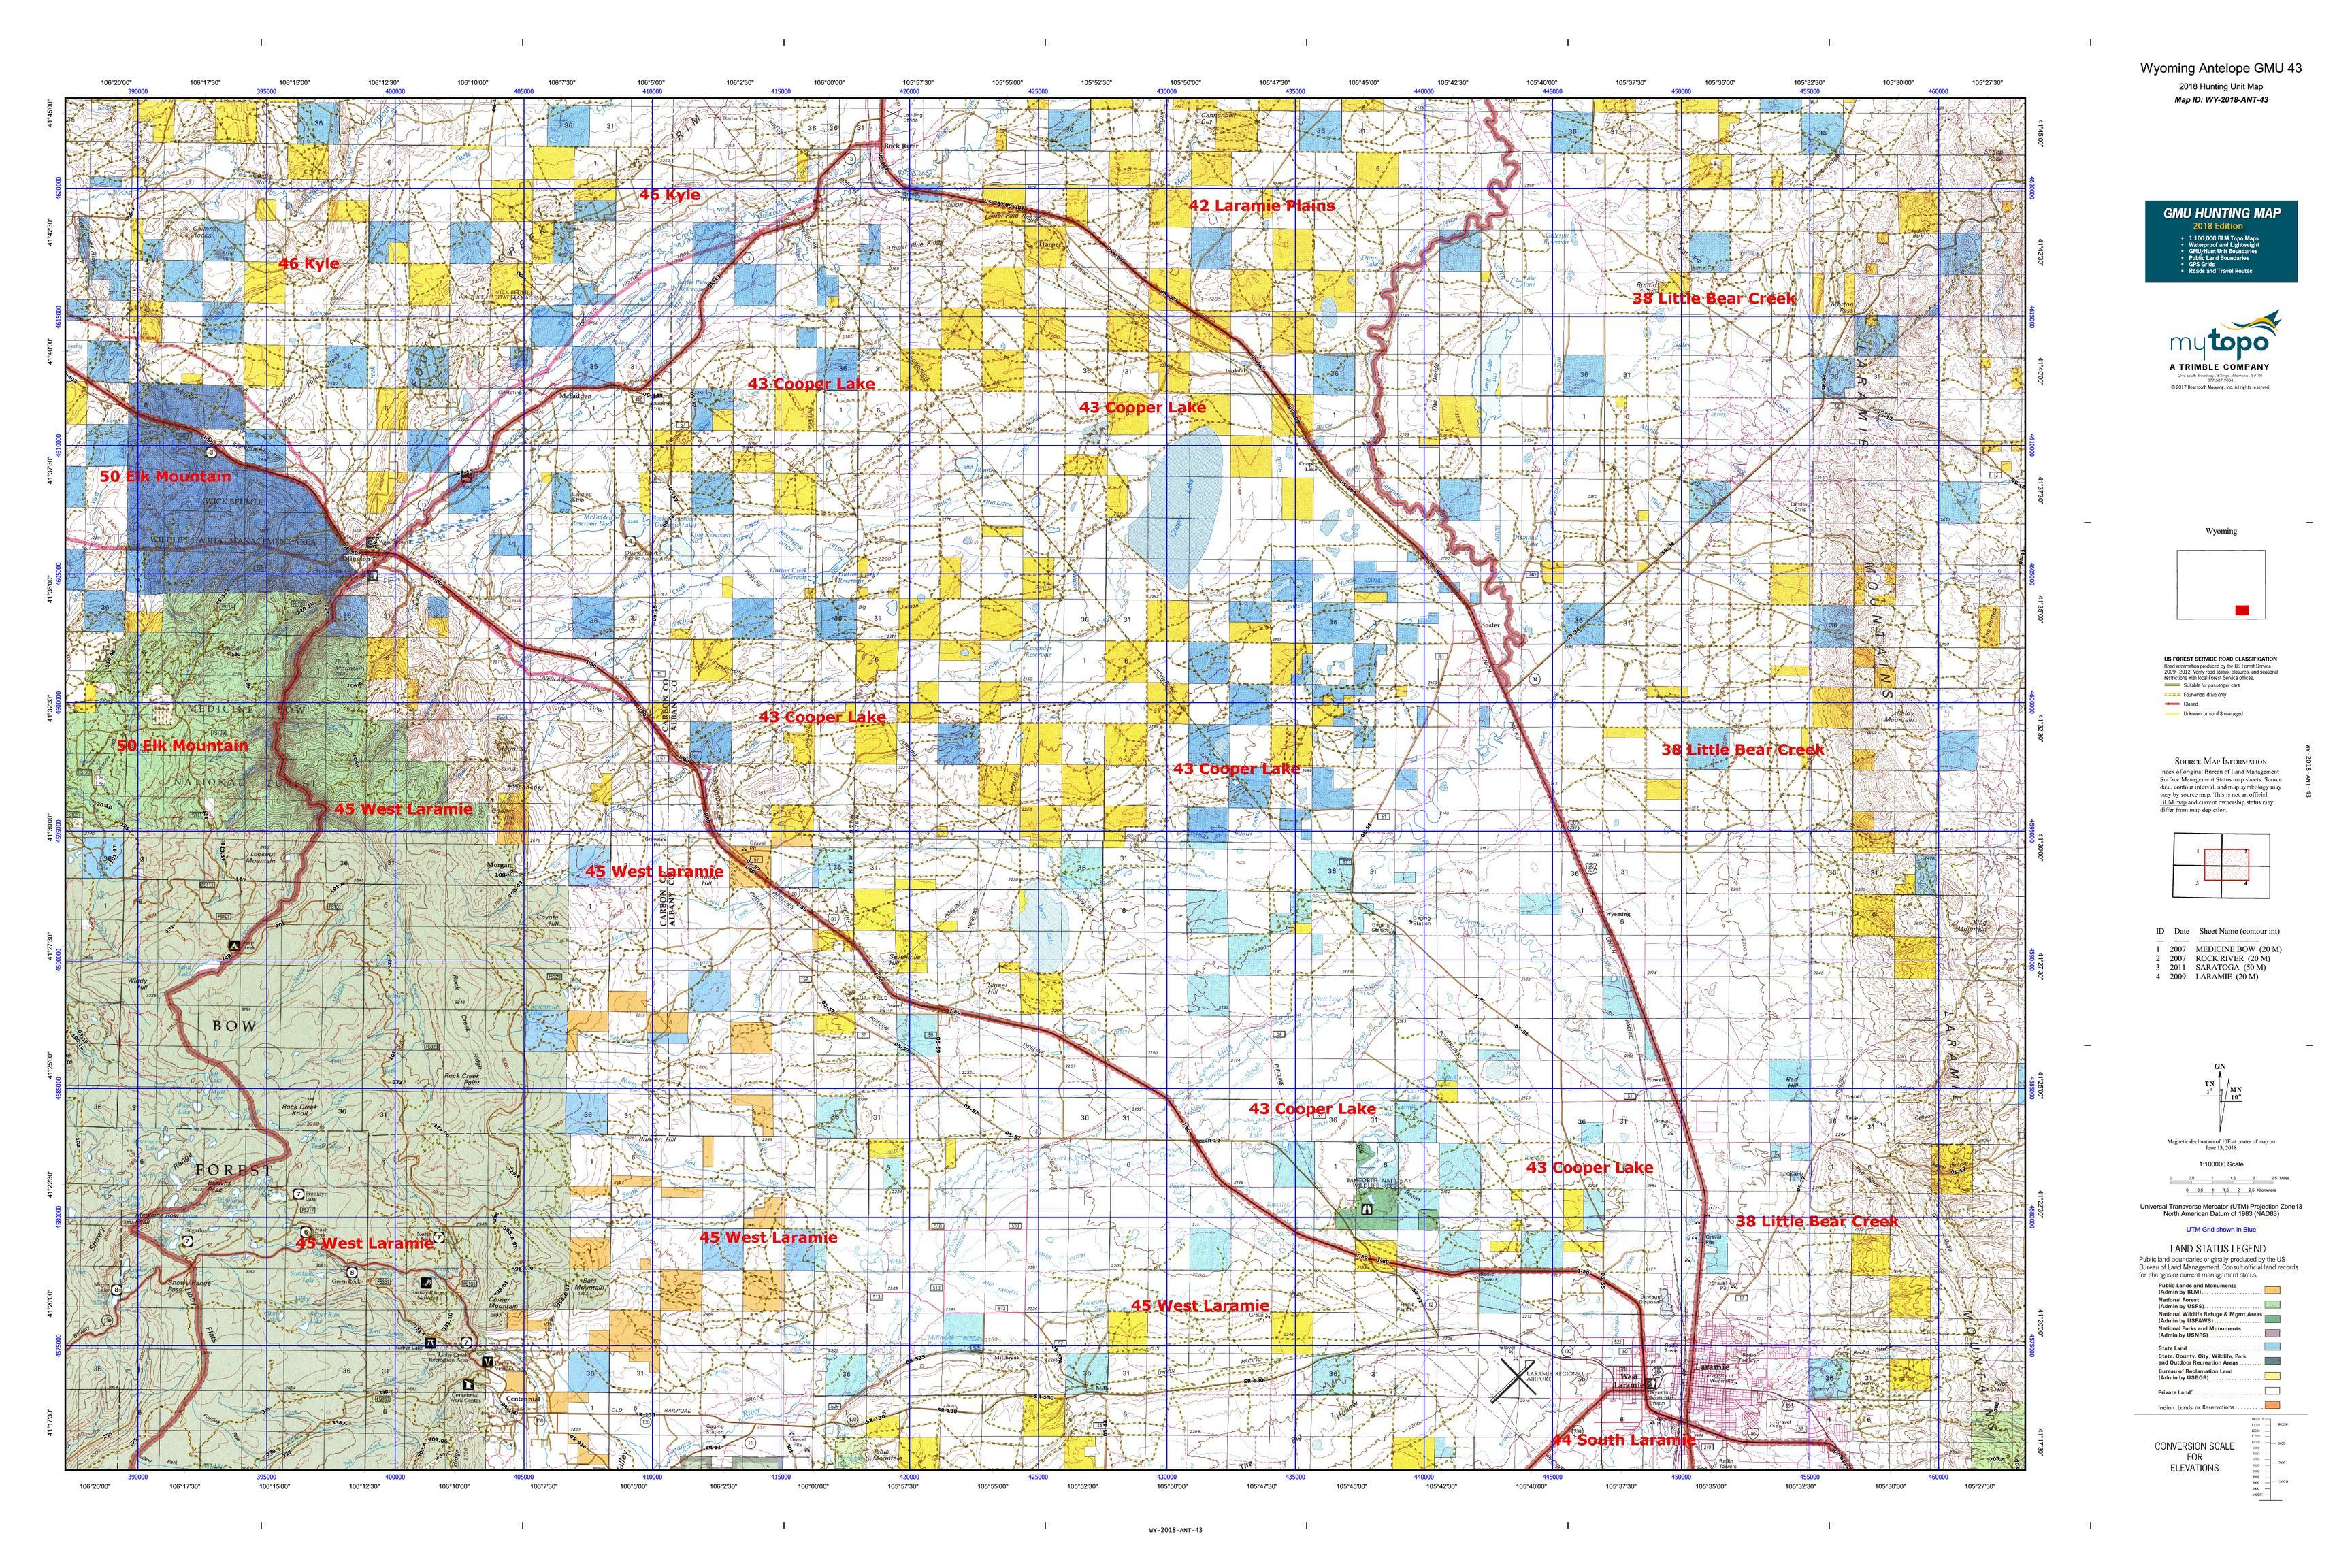 Wyoming Antelope GMU 43 Map | MyTopo